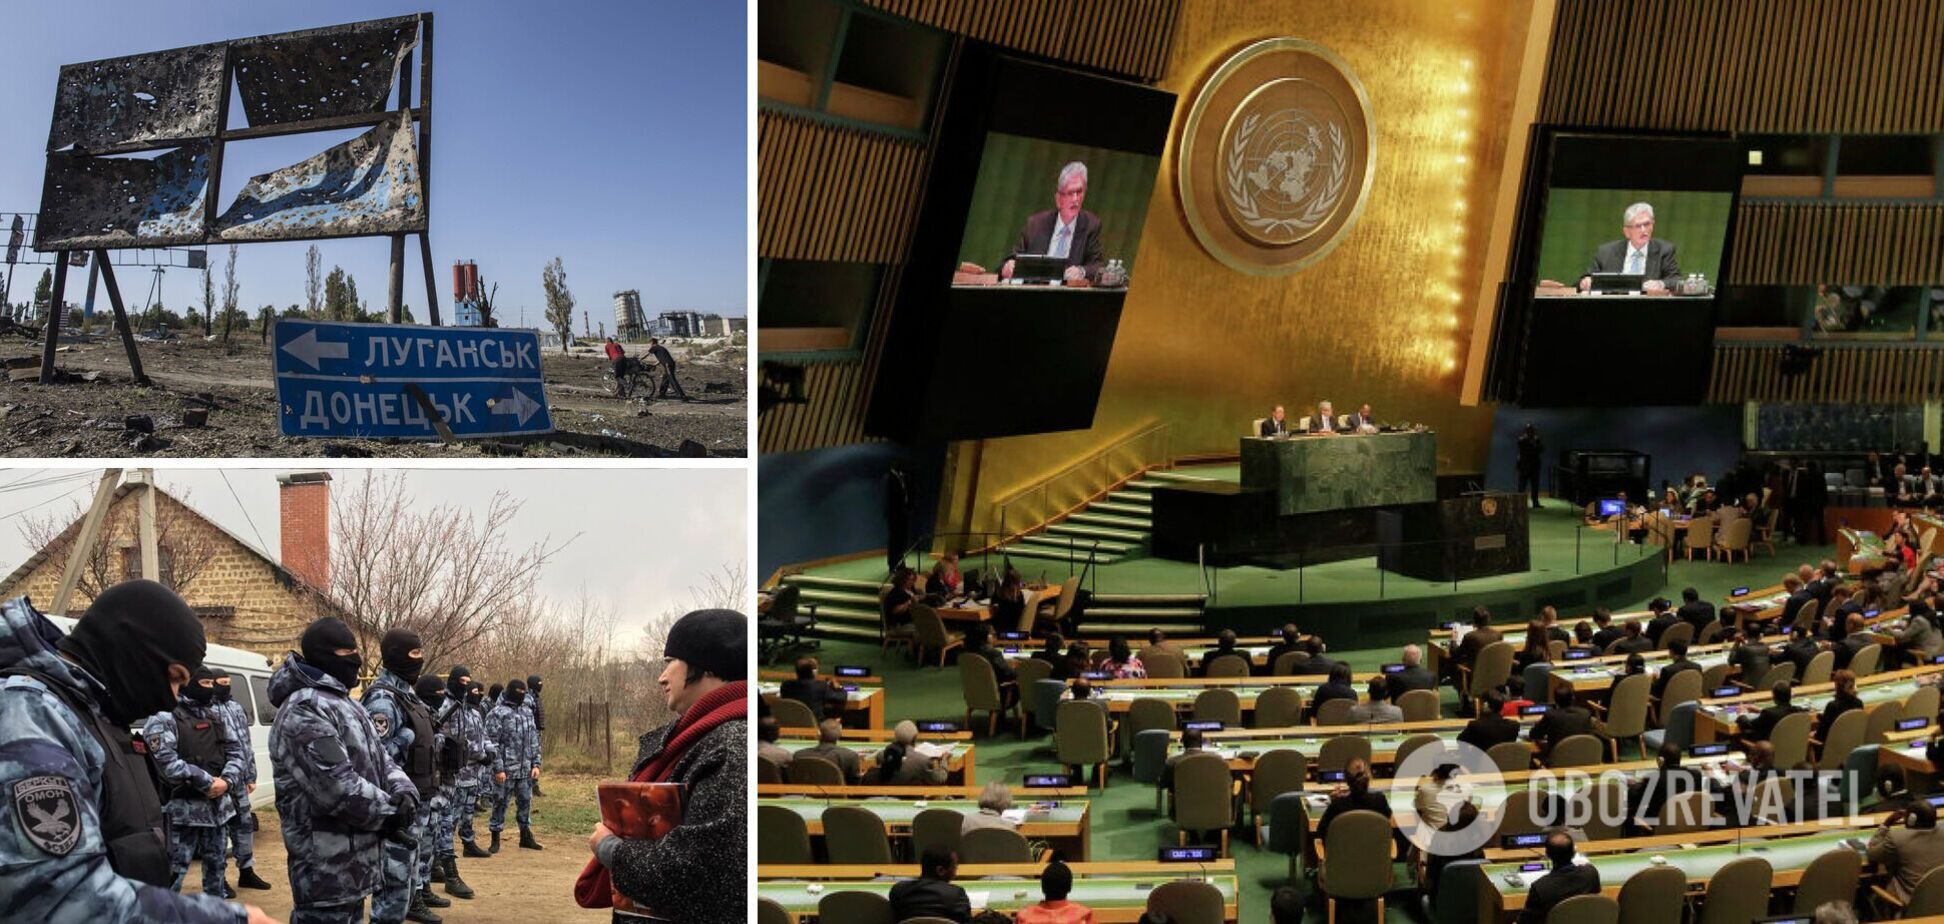 Україна скликала Генасамблею ООН через репресії в Криму і загострення на Донбасі. Відеотрансляція